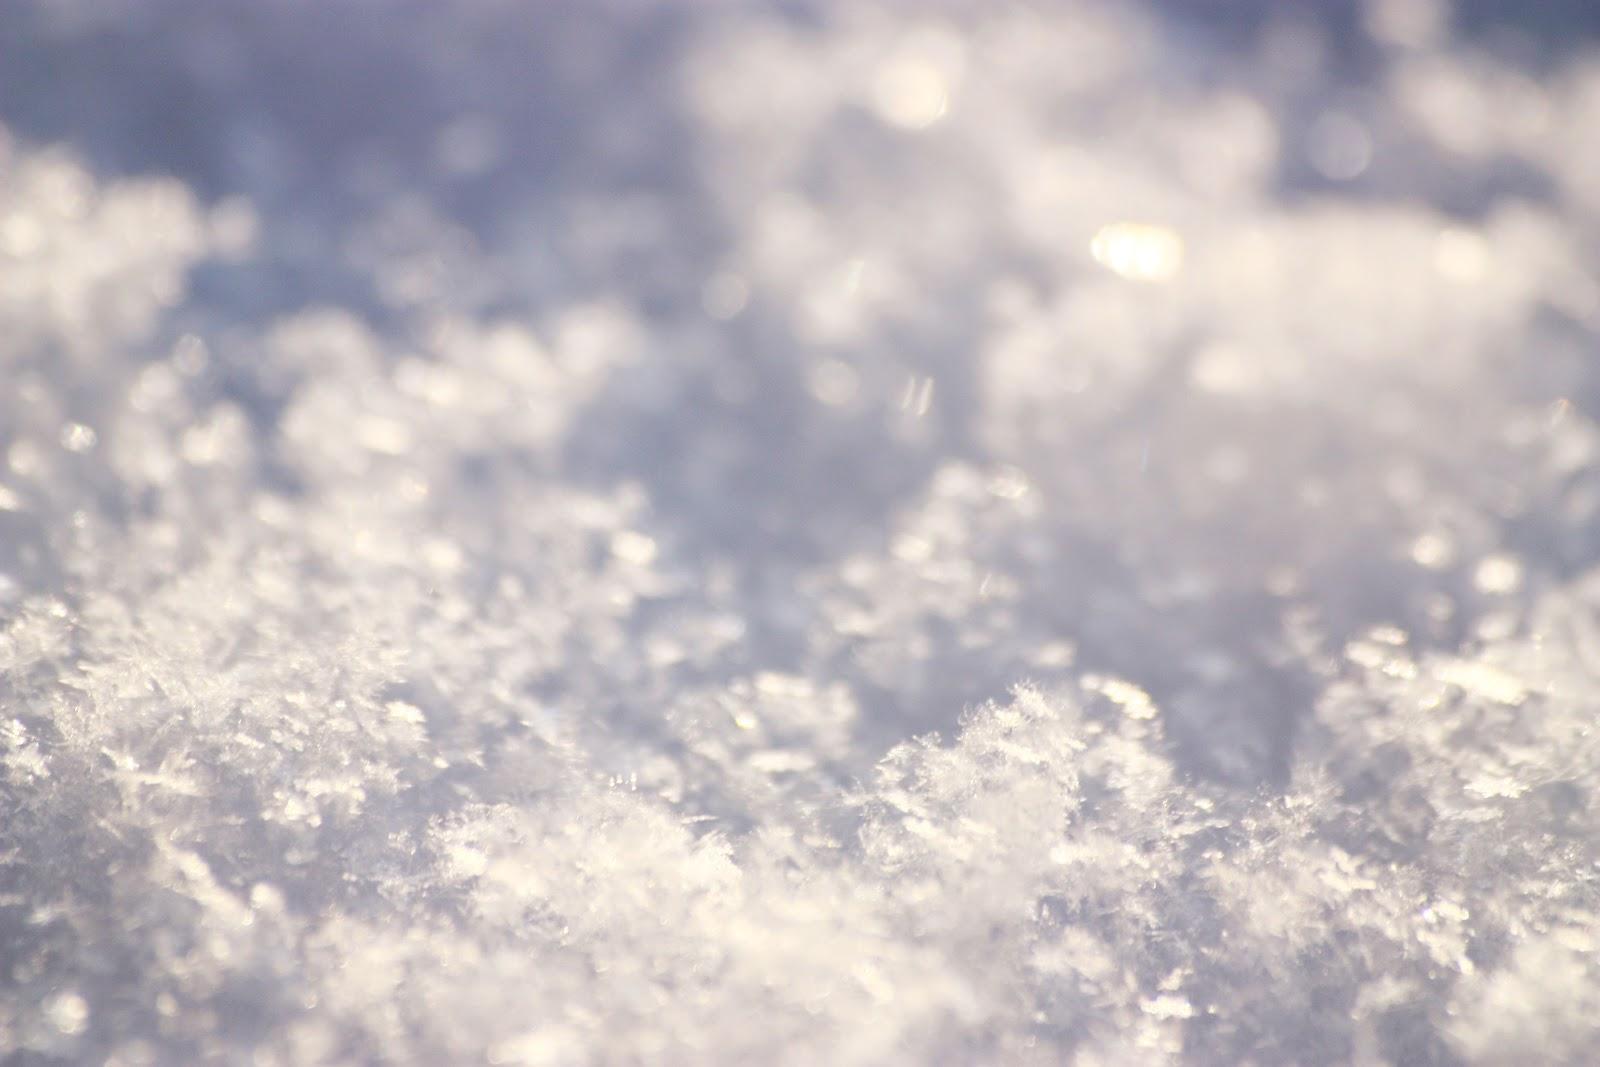 Öregrund free images: Vinterbilder. Snö, snöflingor och ...: popcornmonstret.blogspot.com/2012/02/vinterbilder-sno-snoflingor...